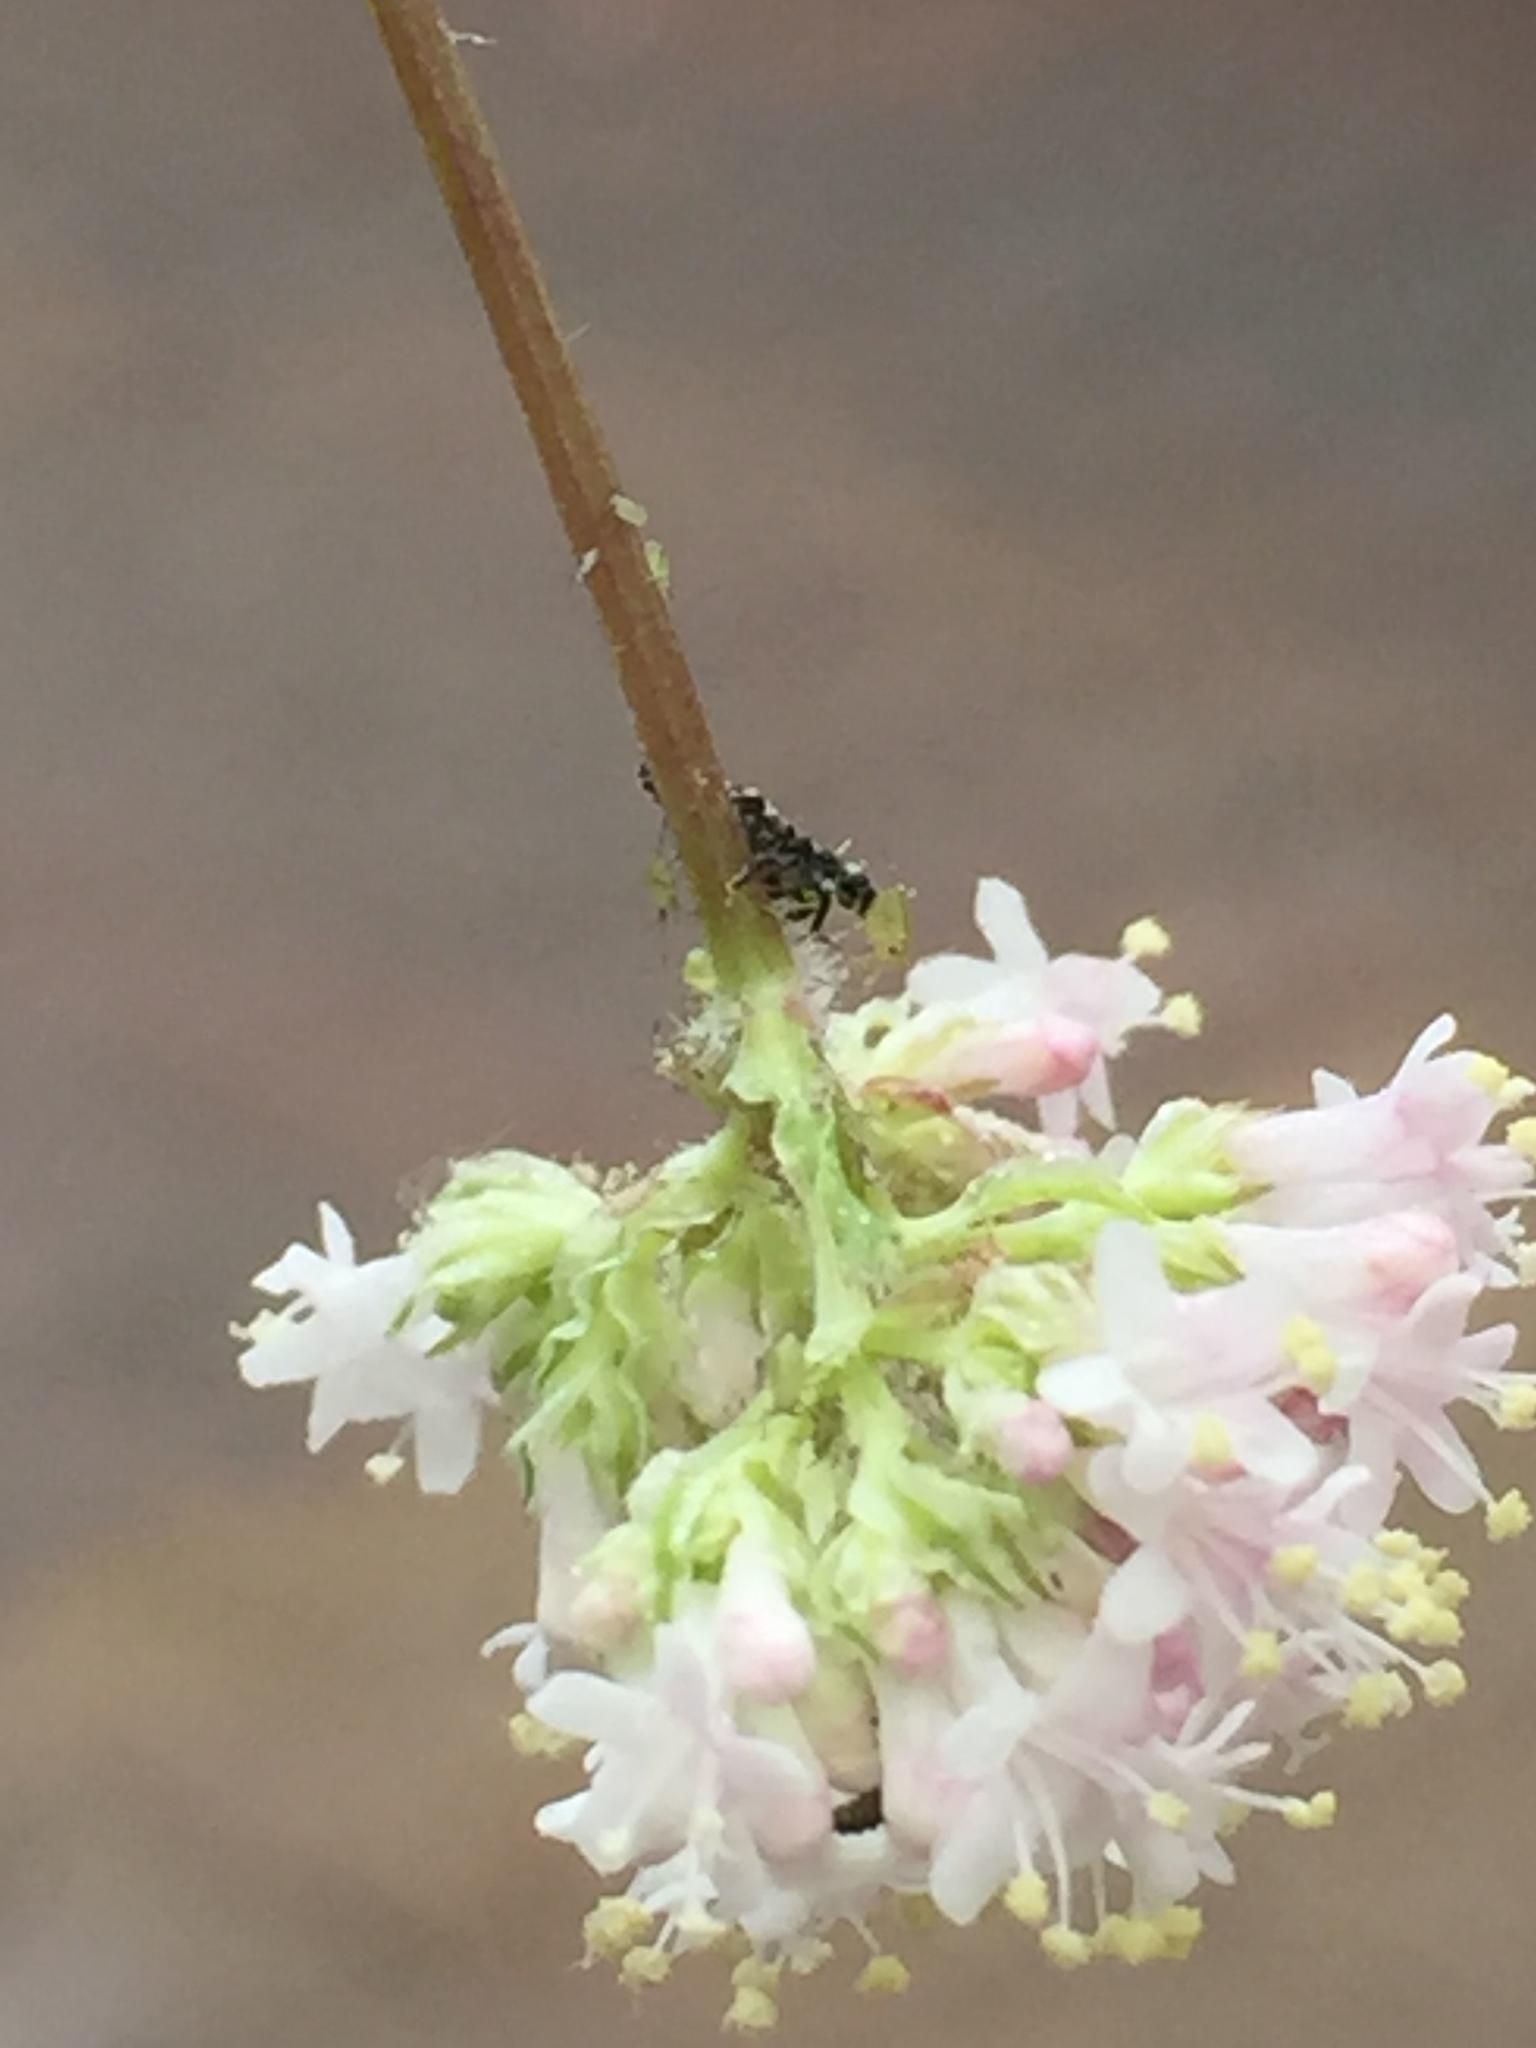 Larve van lieveheersbeestje op bloem